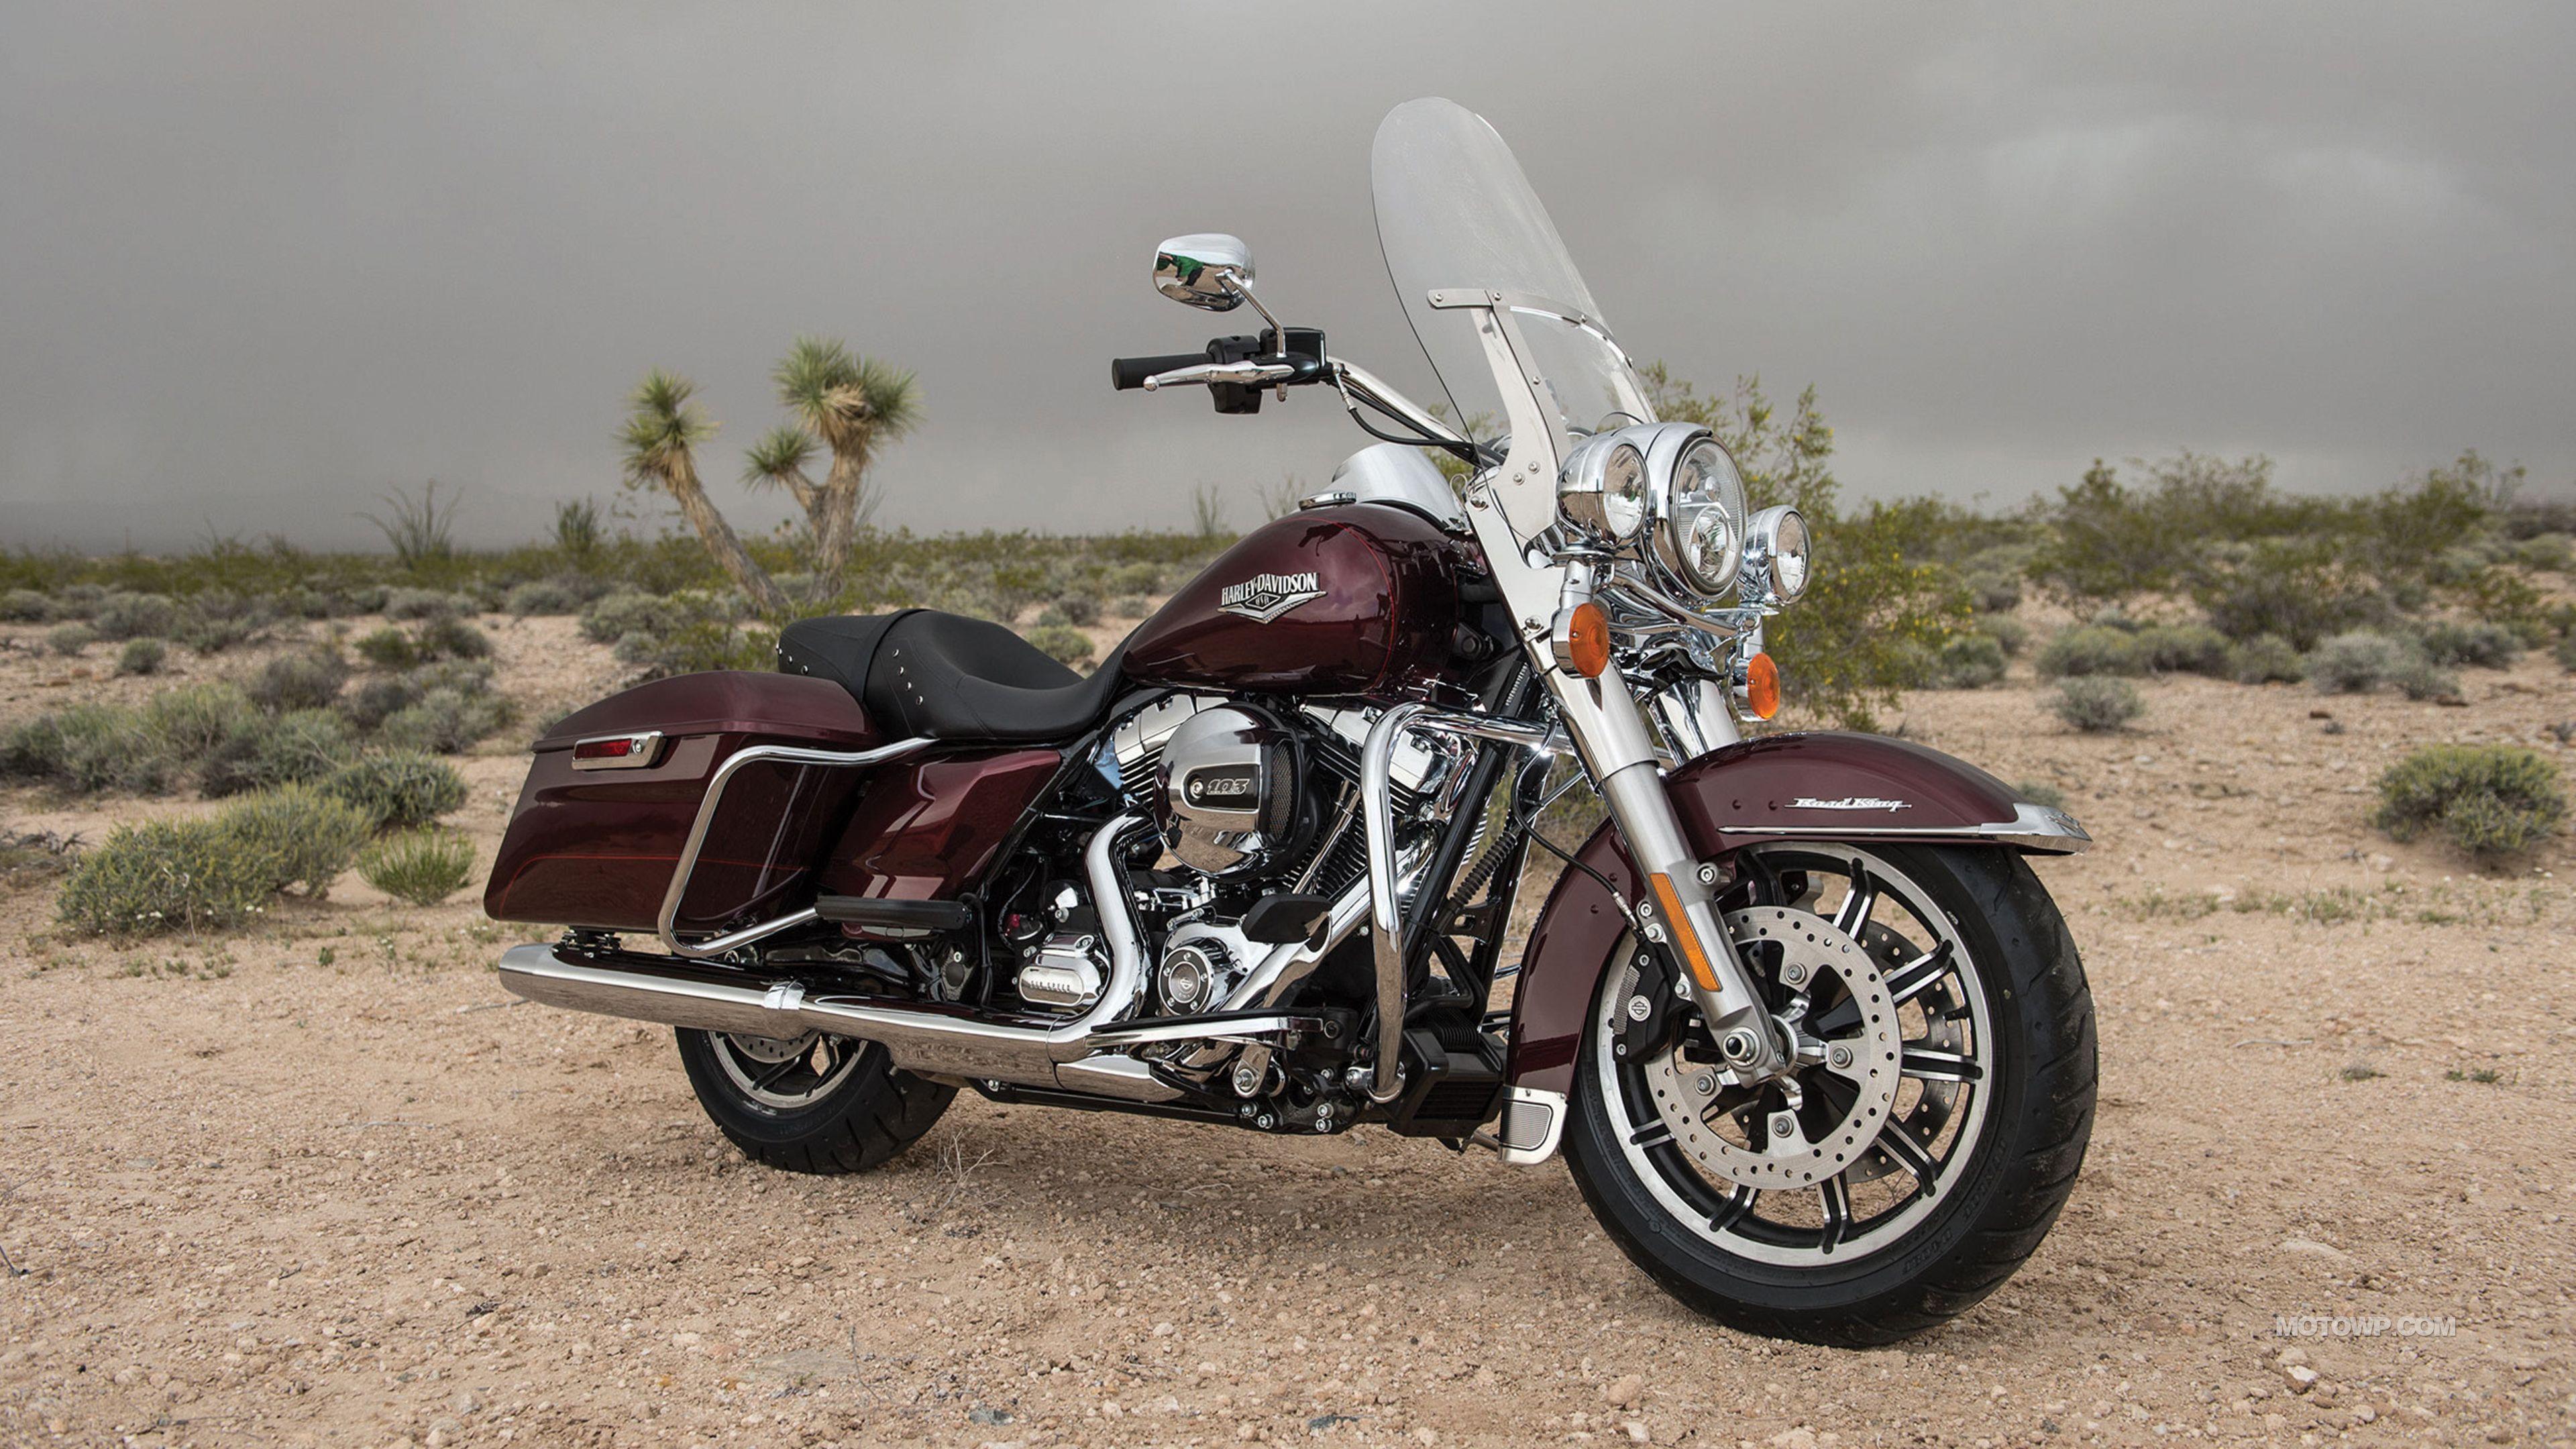 Harley Davidson Road King Wallpaper High Definition #sqR